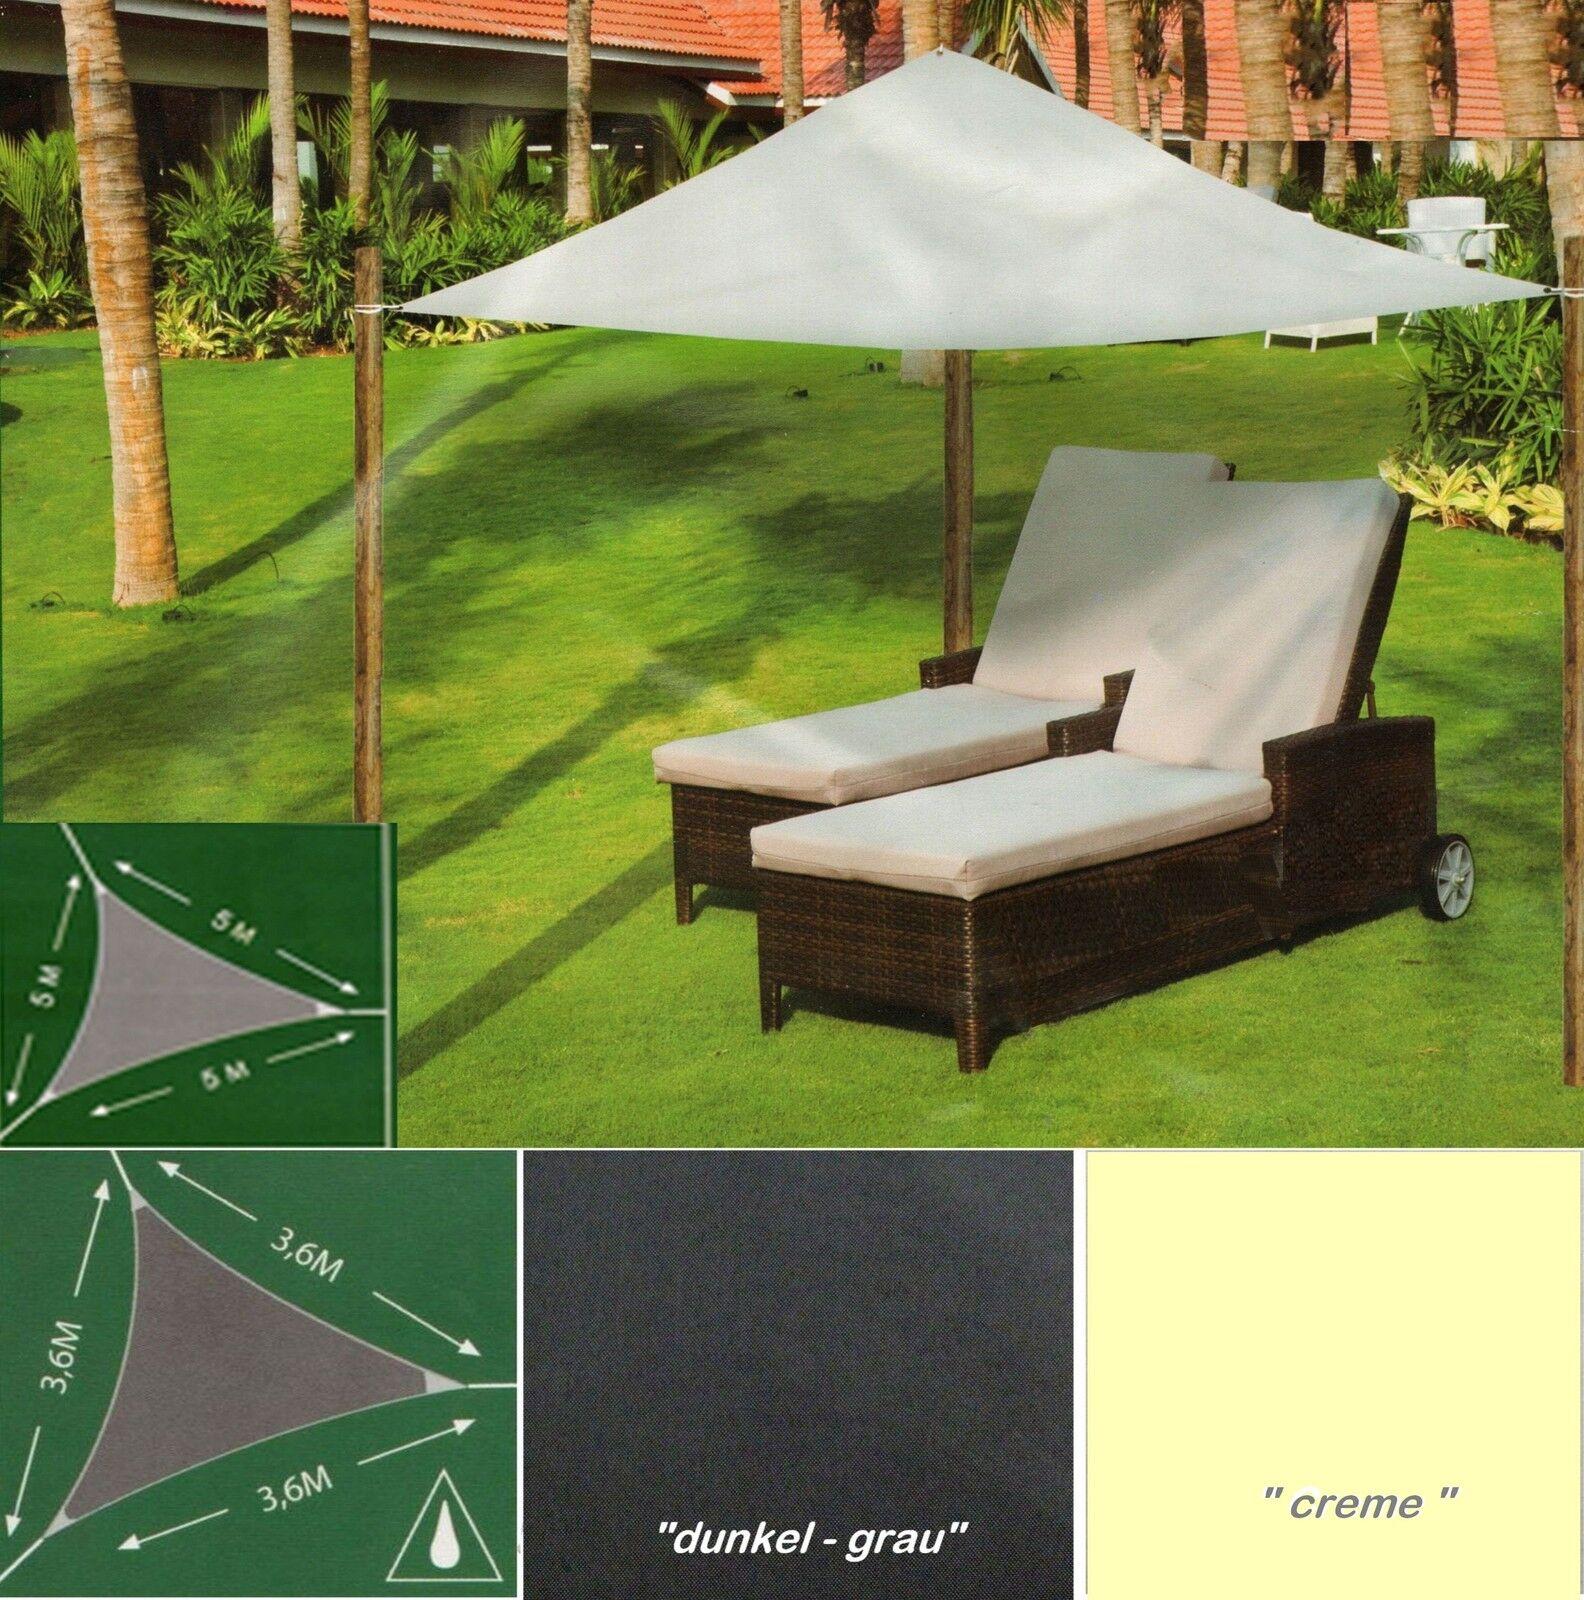 Sonnensegel Sonnenschutz Sonnendach Beschattung Balkon Terrasse Camping 2 Größen